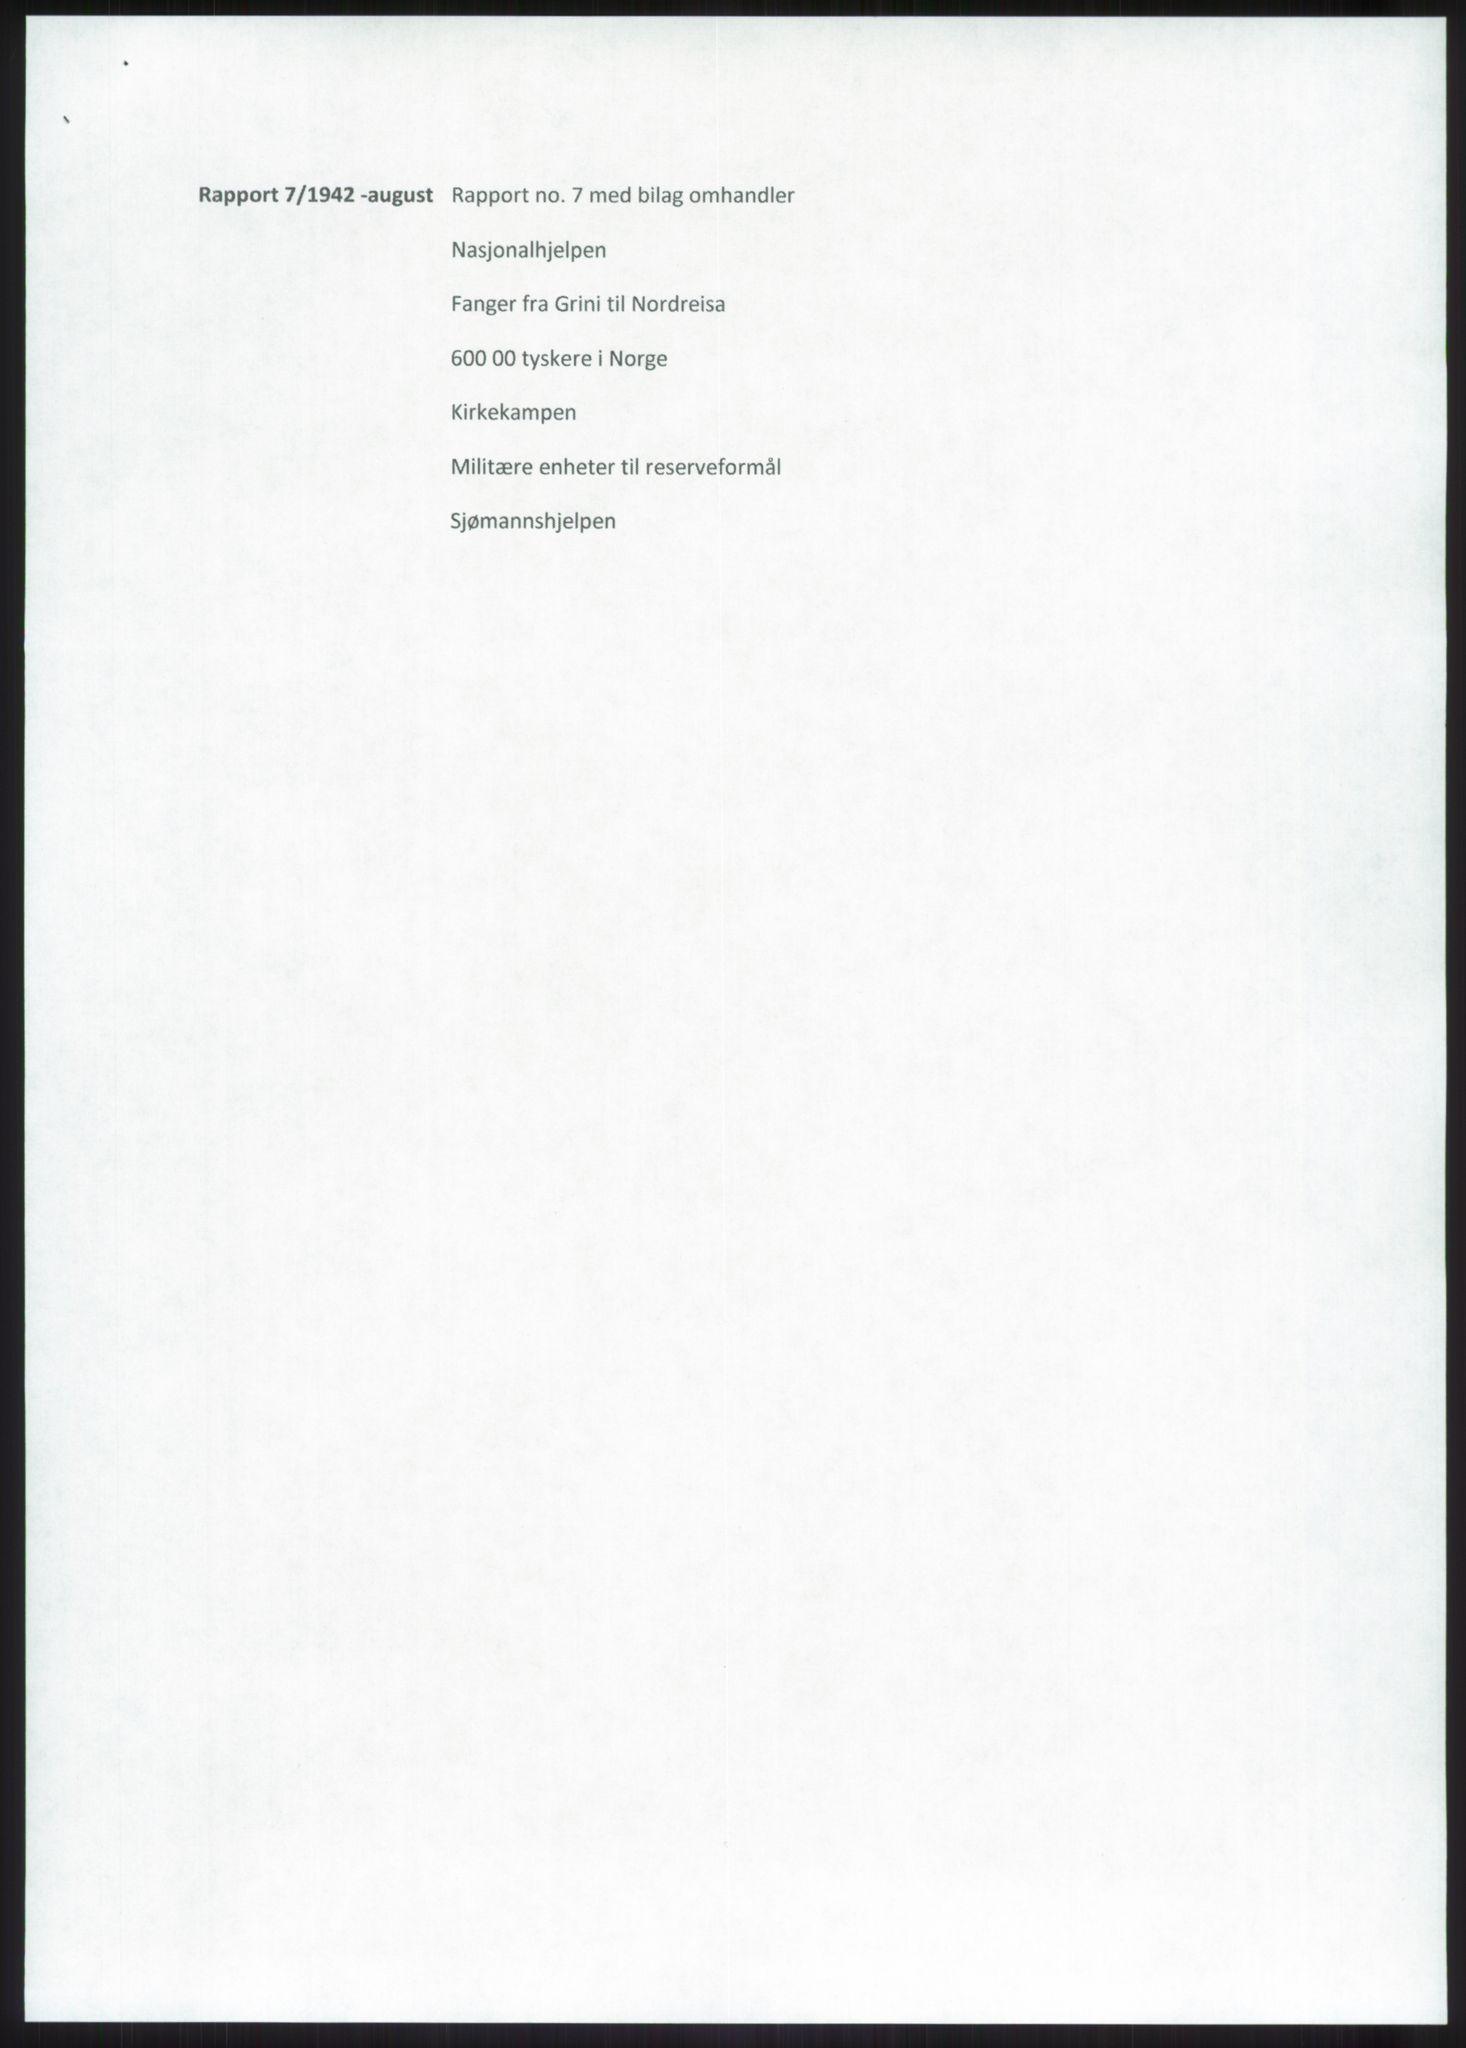 RA, Forsvaret, Forsvarets overkommando, Da/L0079: Etterretningsrapporter, 1942, s. 51